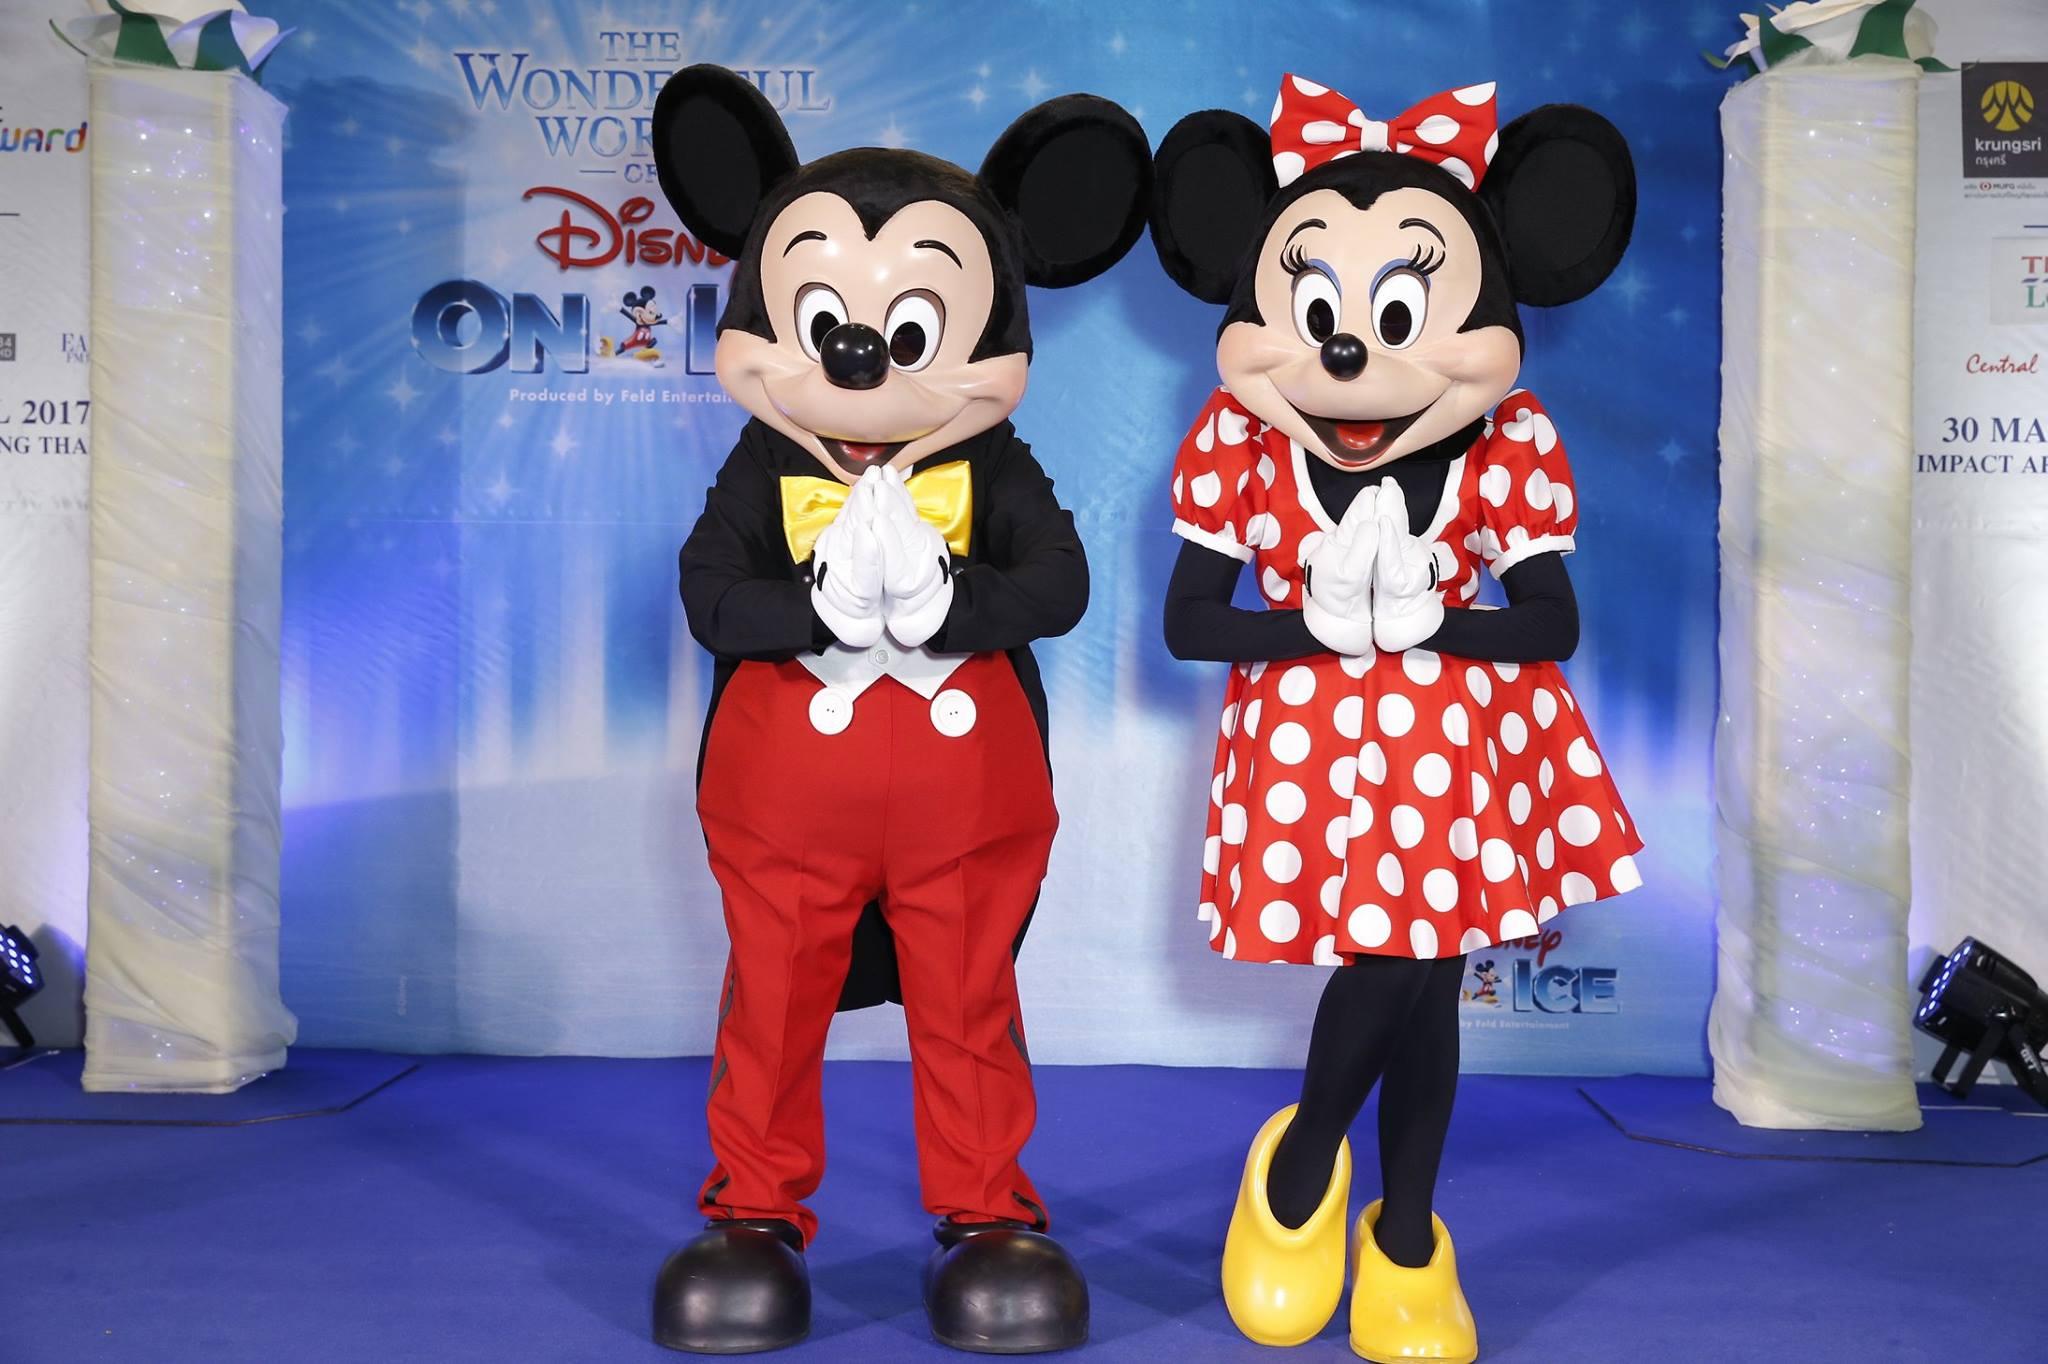 มิกกี้เมาส์ มินนี่เมาส์ ร่วมแถลงข่าว Disney On Ice